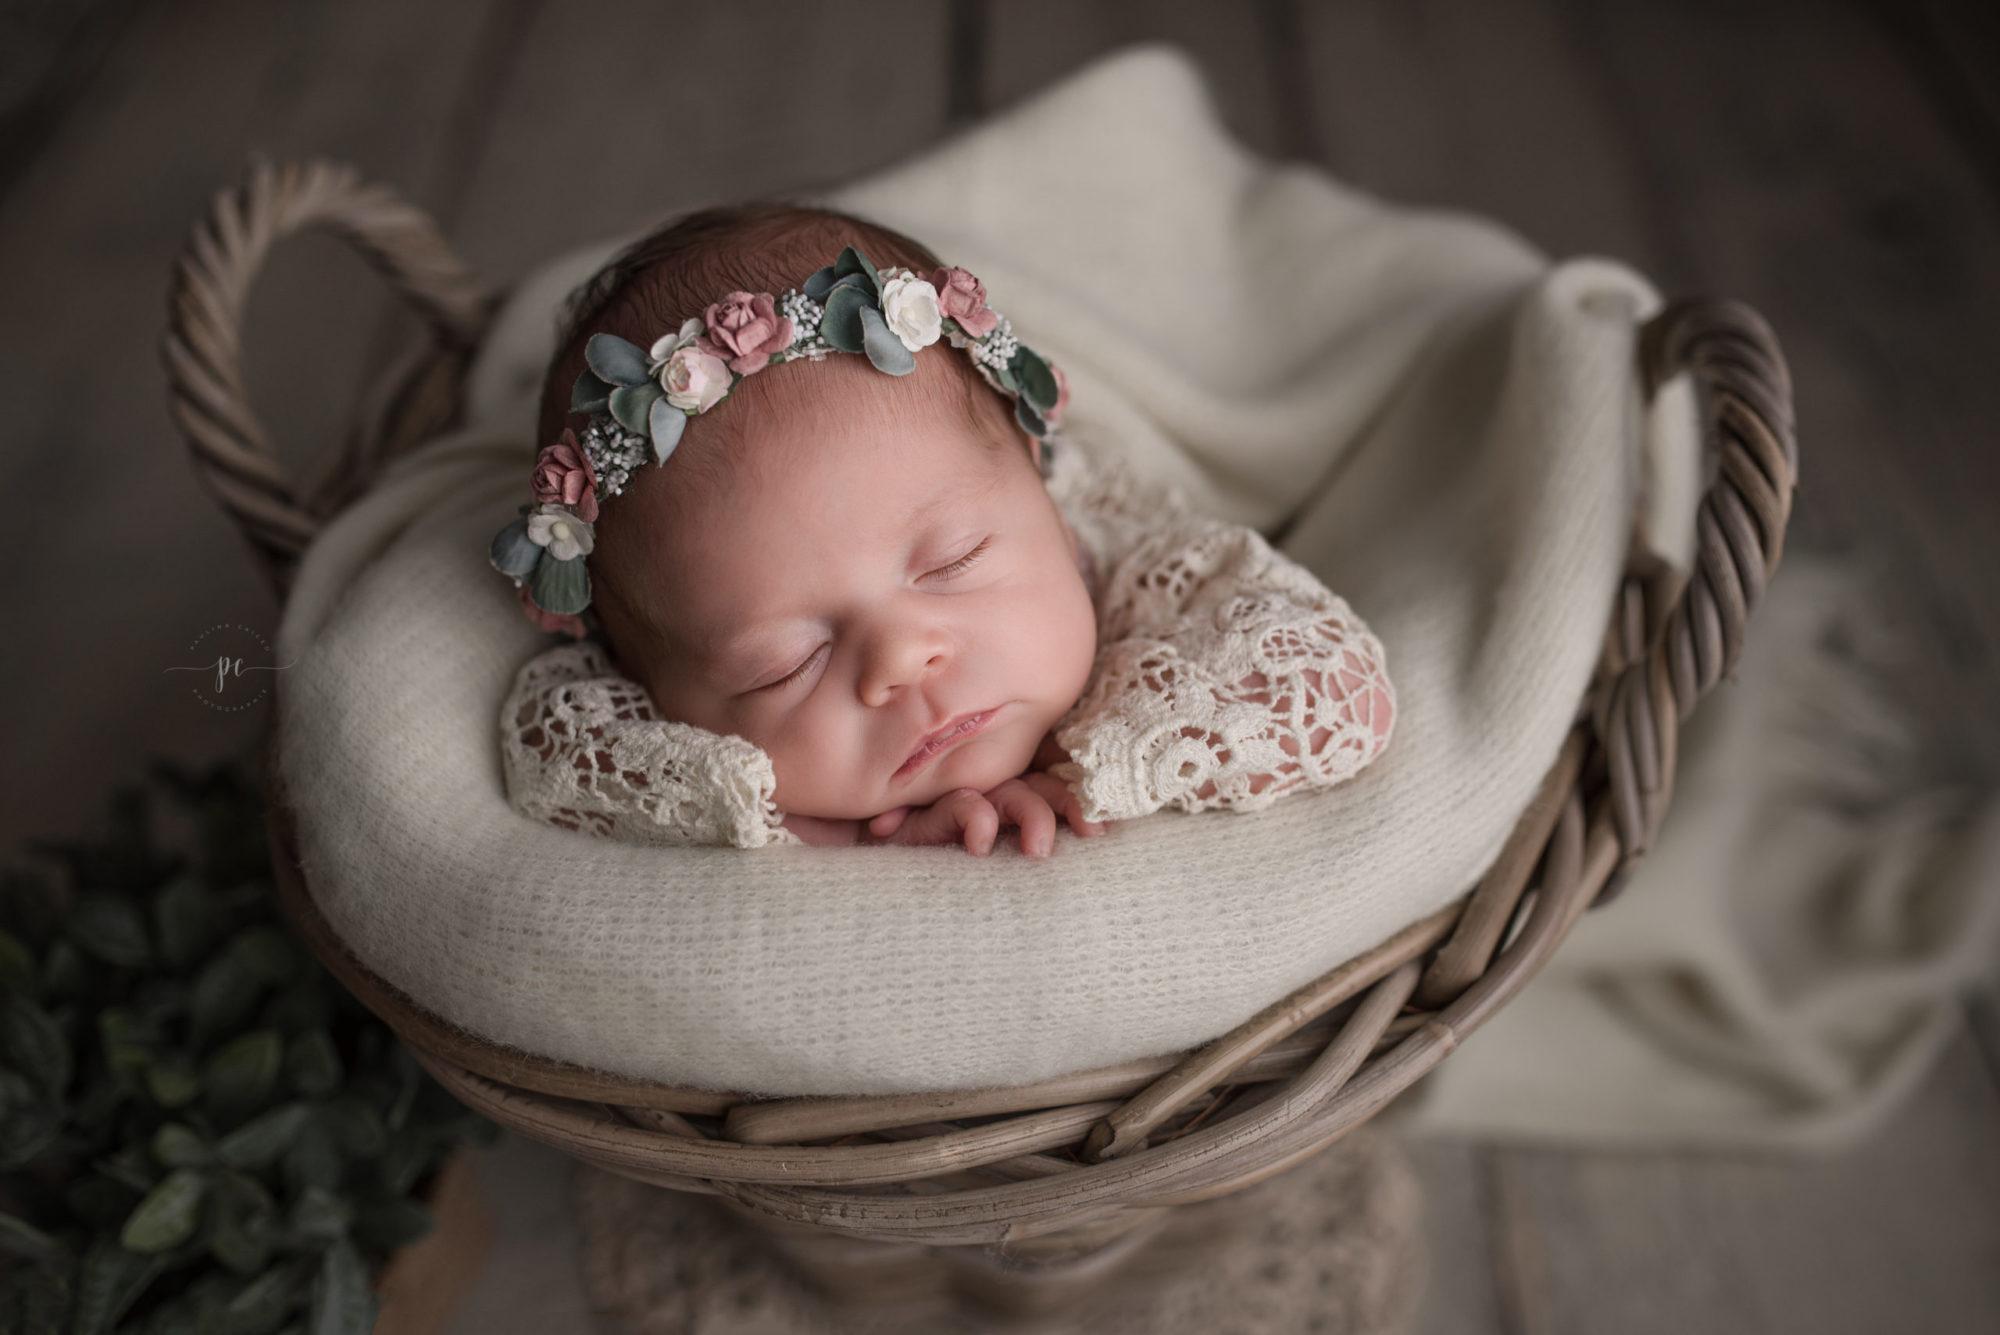 photographe naissance angers nouveauné eleo scaled e1611836529321